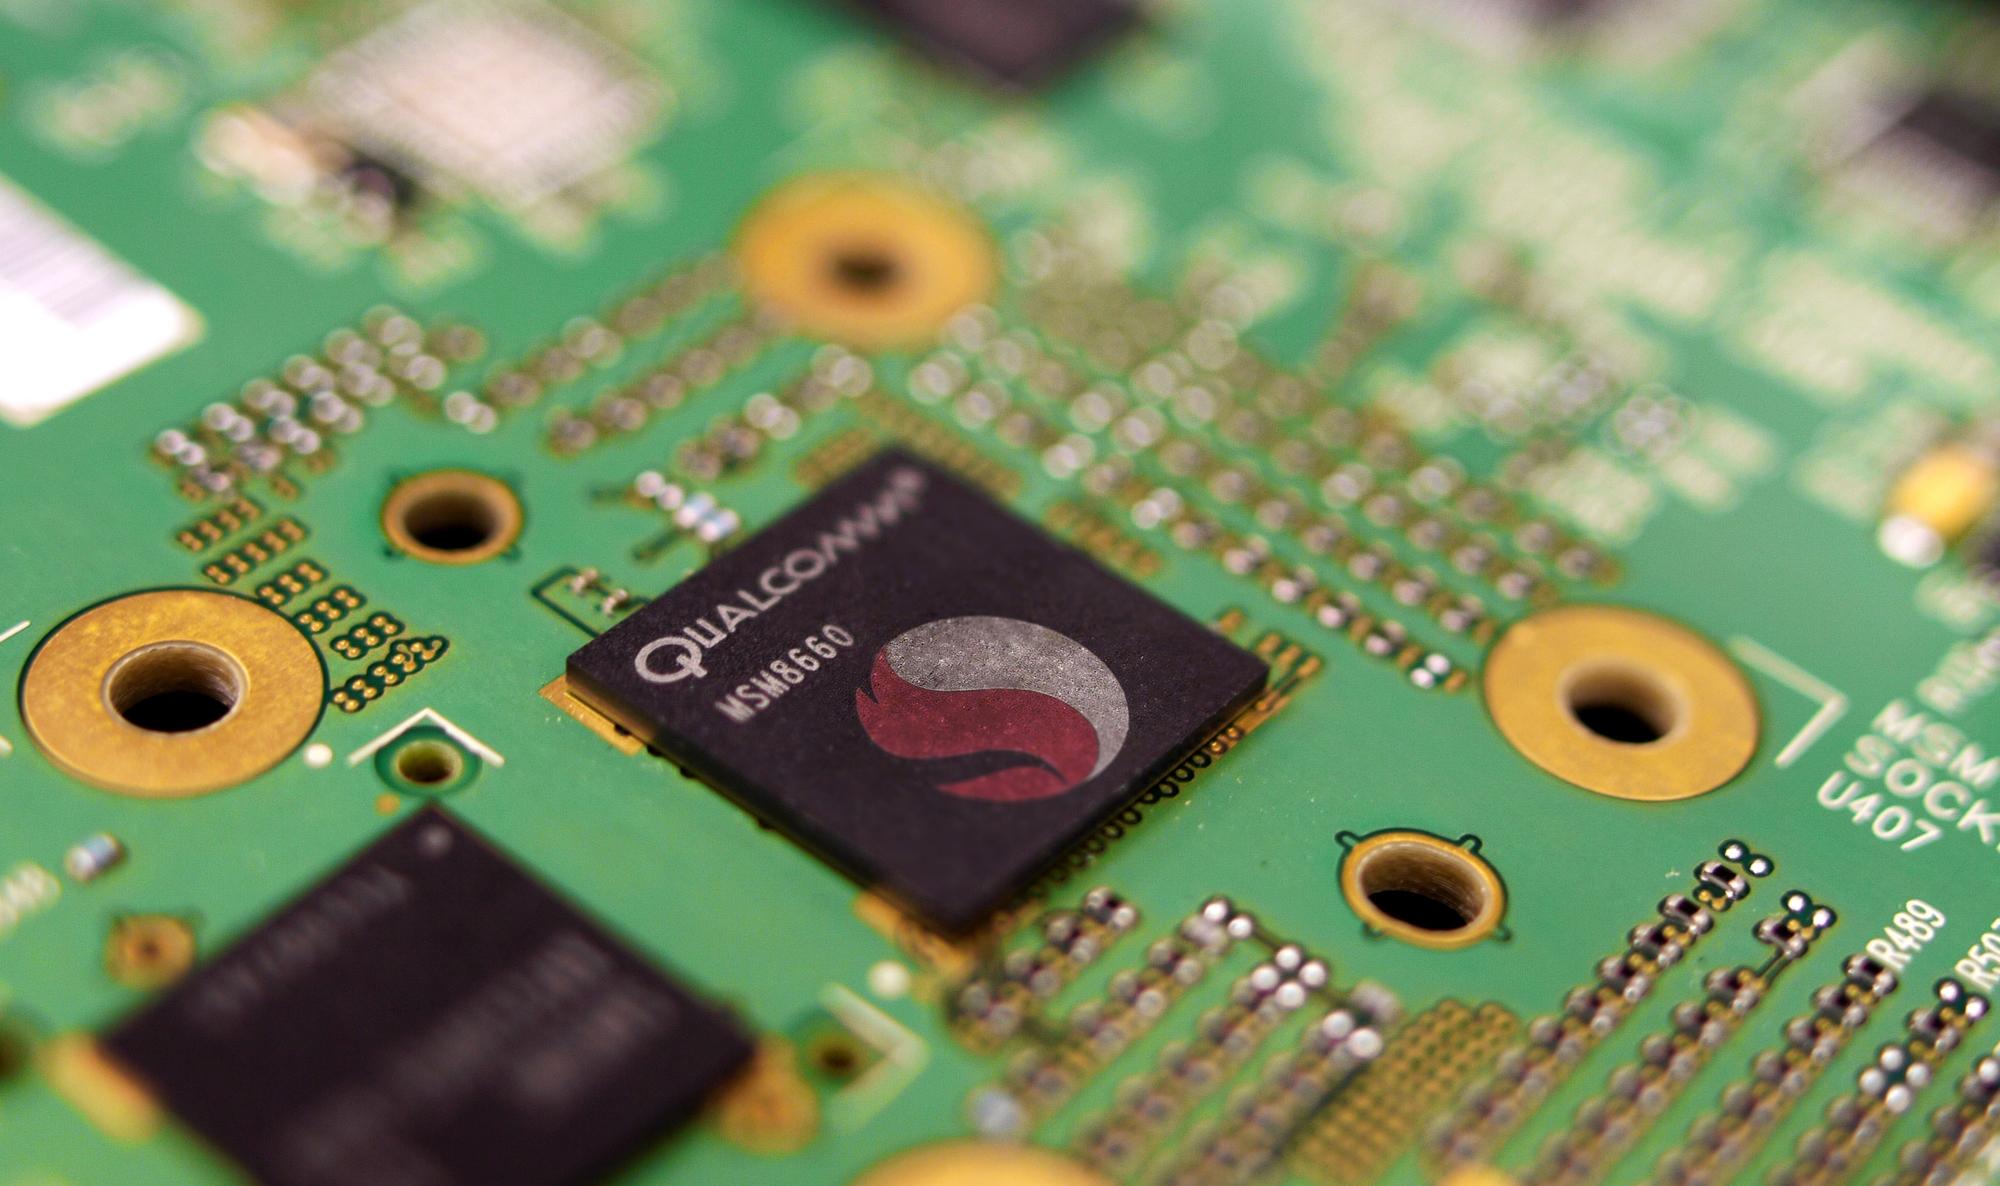 Imagem de Qualcomm anuncia Snapdragon 845 para dar vida à nova geração do Android no tecmundo